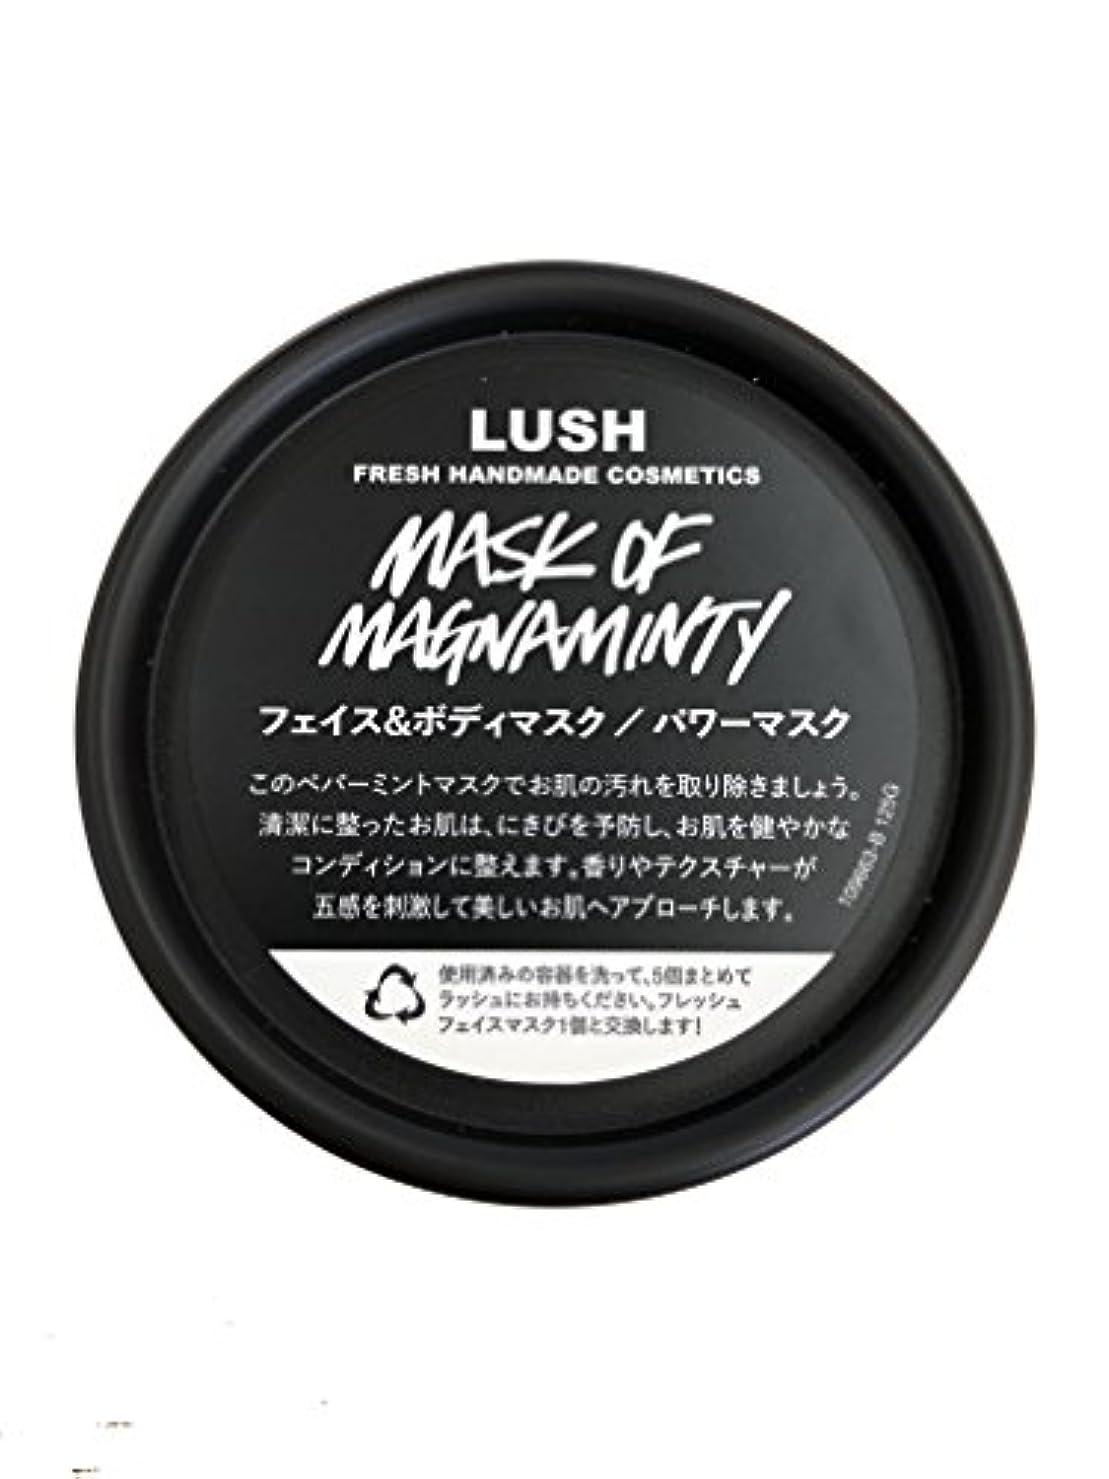 ヤングケントマルクス主義者ラッシュ(LUSH) パワーマスク(125g)